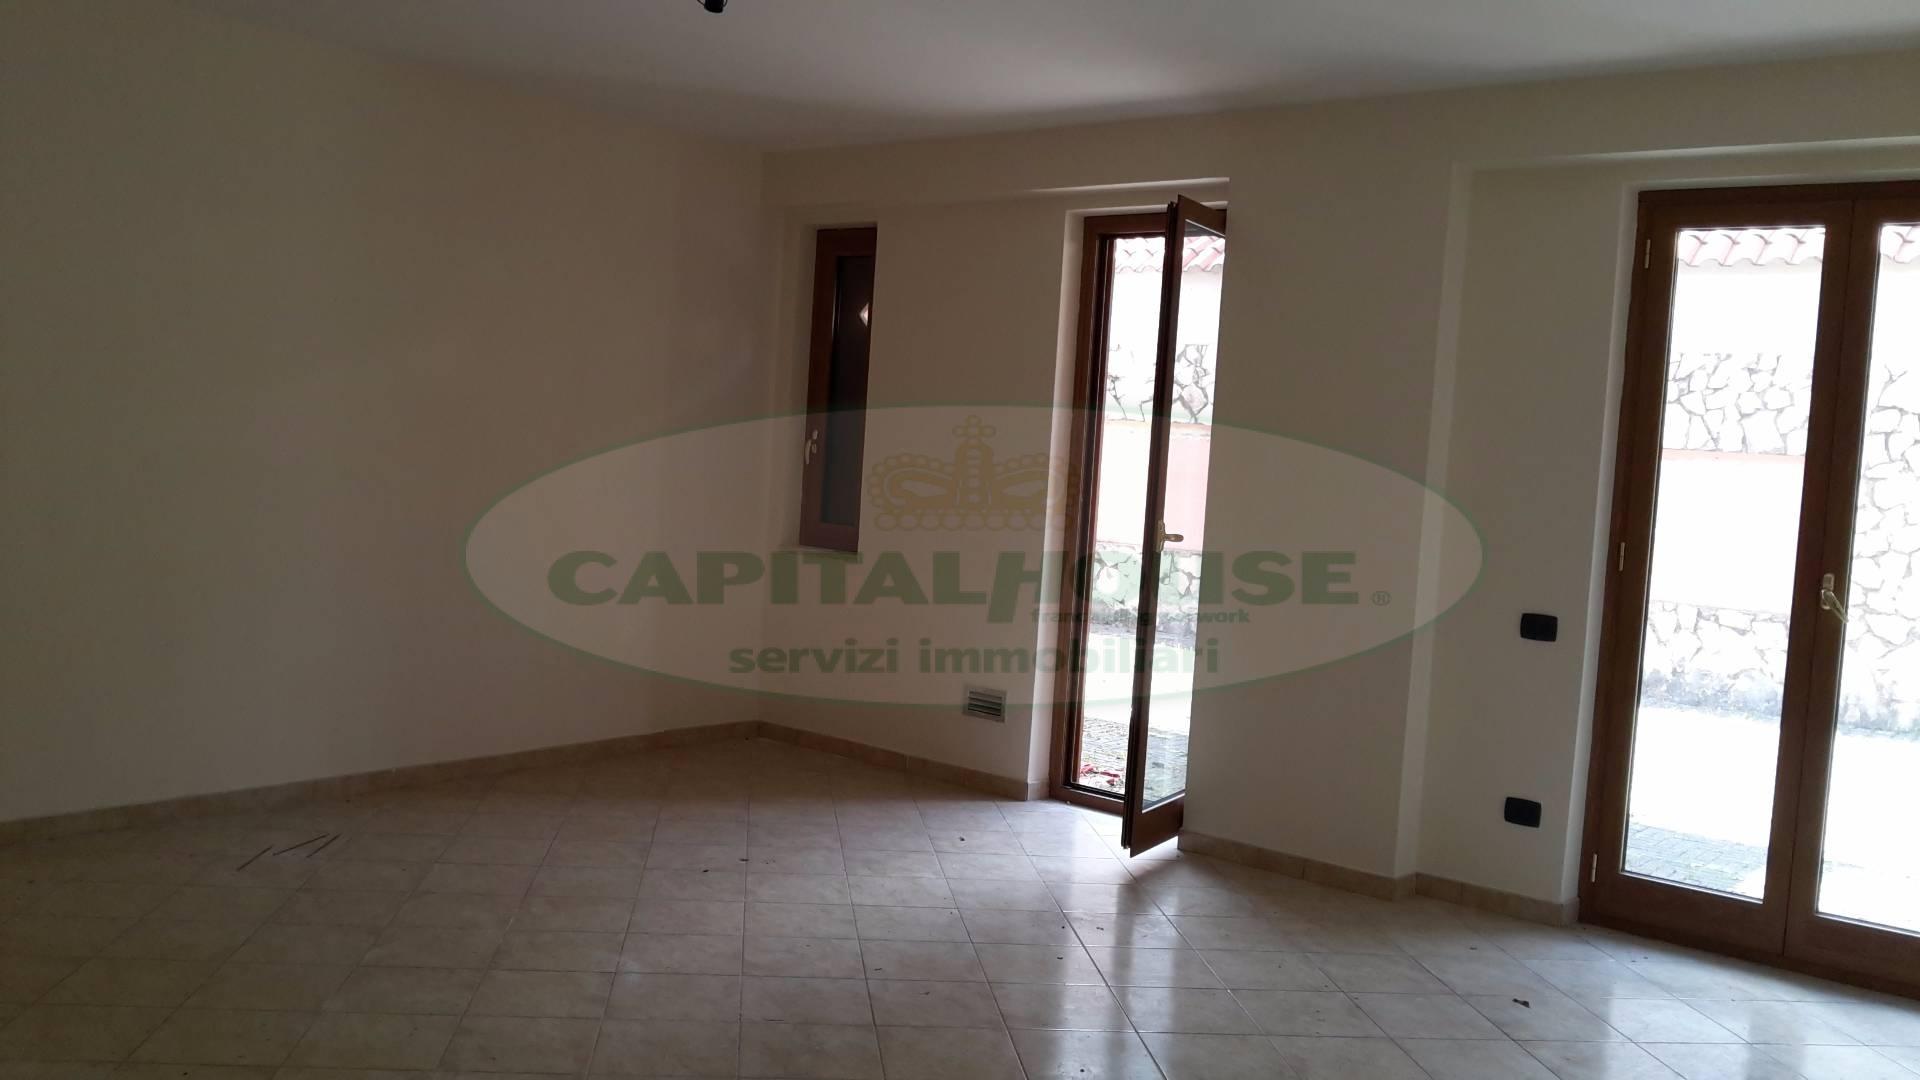 Appartamento in affitto a Mercogliano, 3 locali, prezzo € 550 | CambioCasa.it